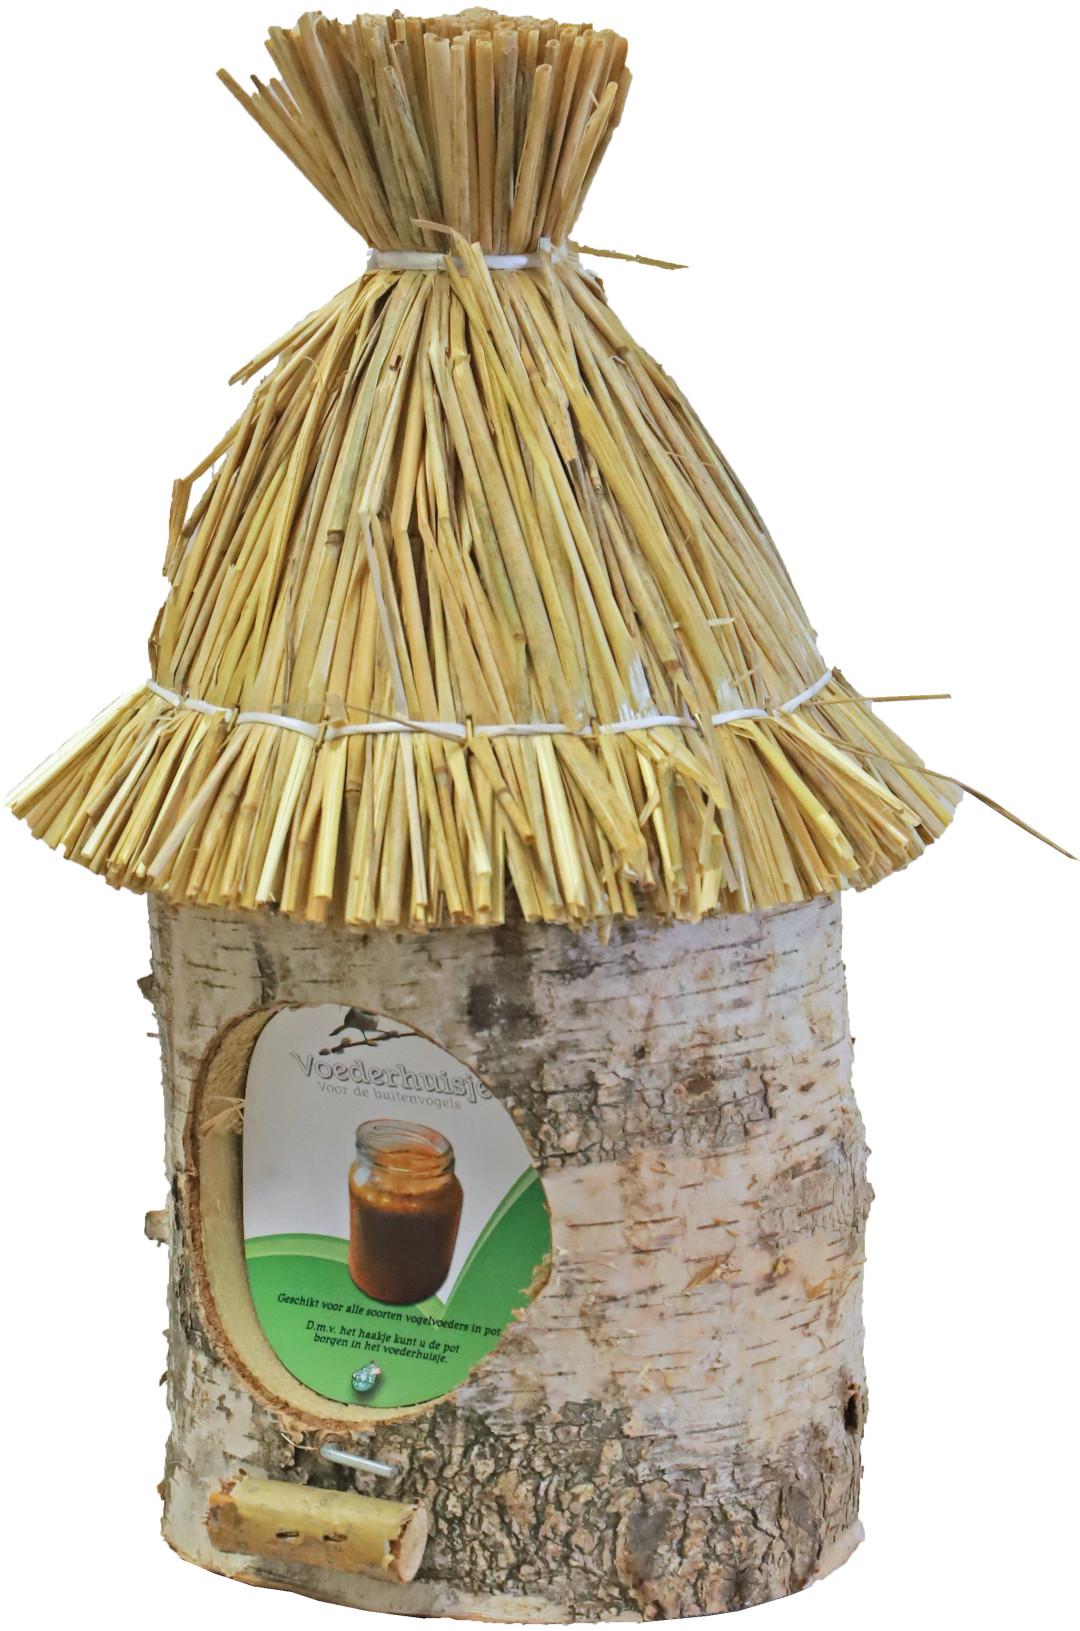 Pindakaaspothouder berken met stro dak